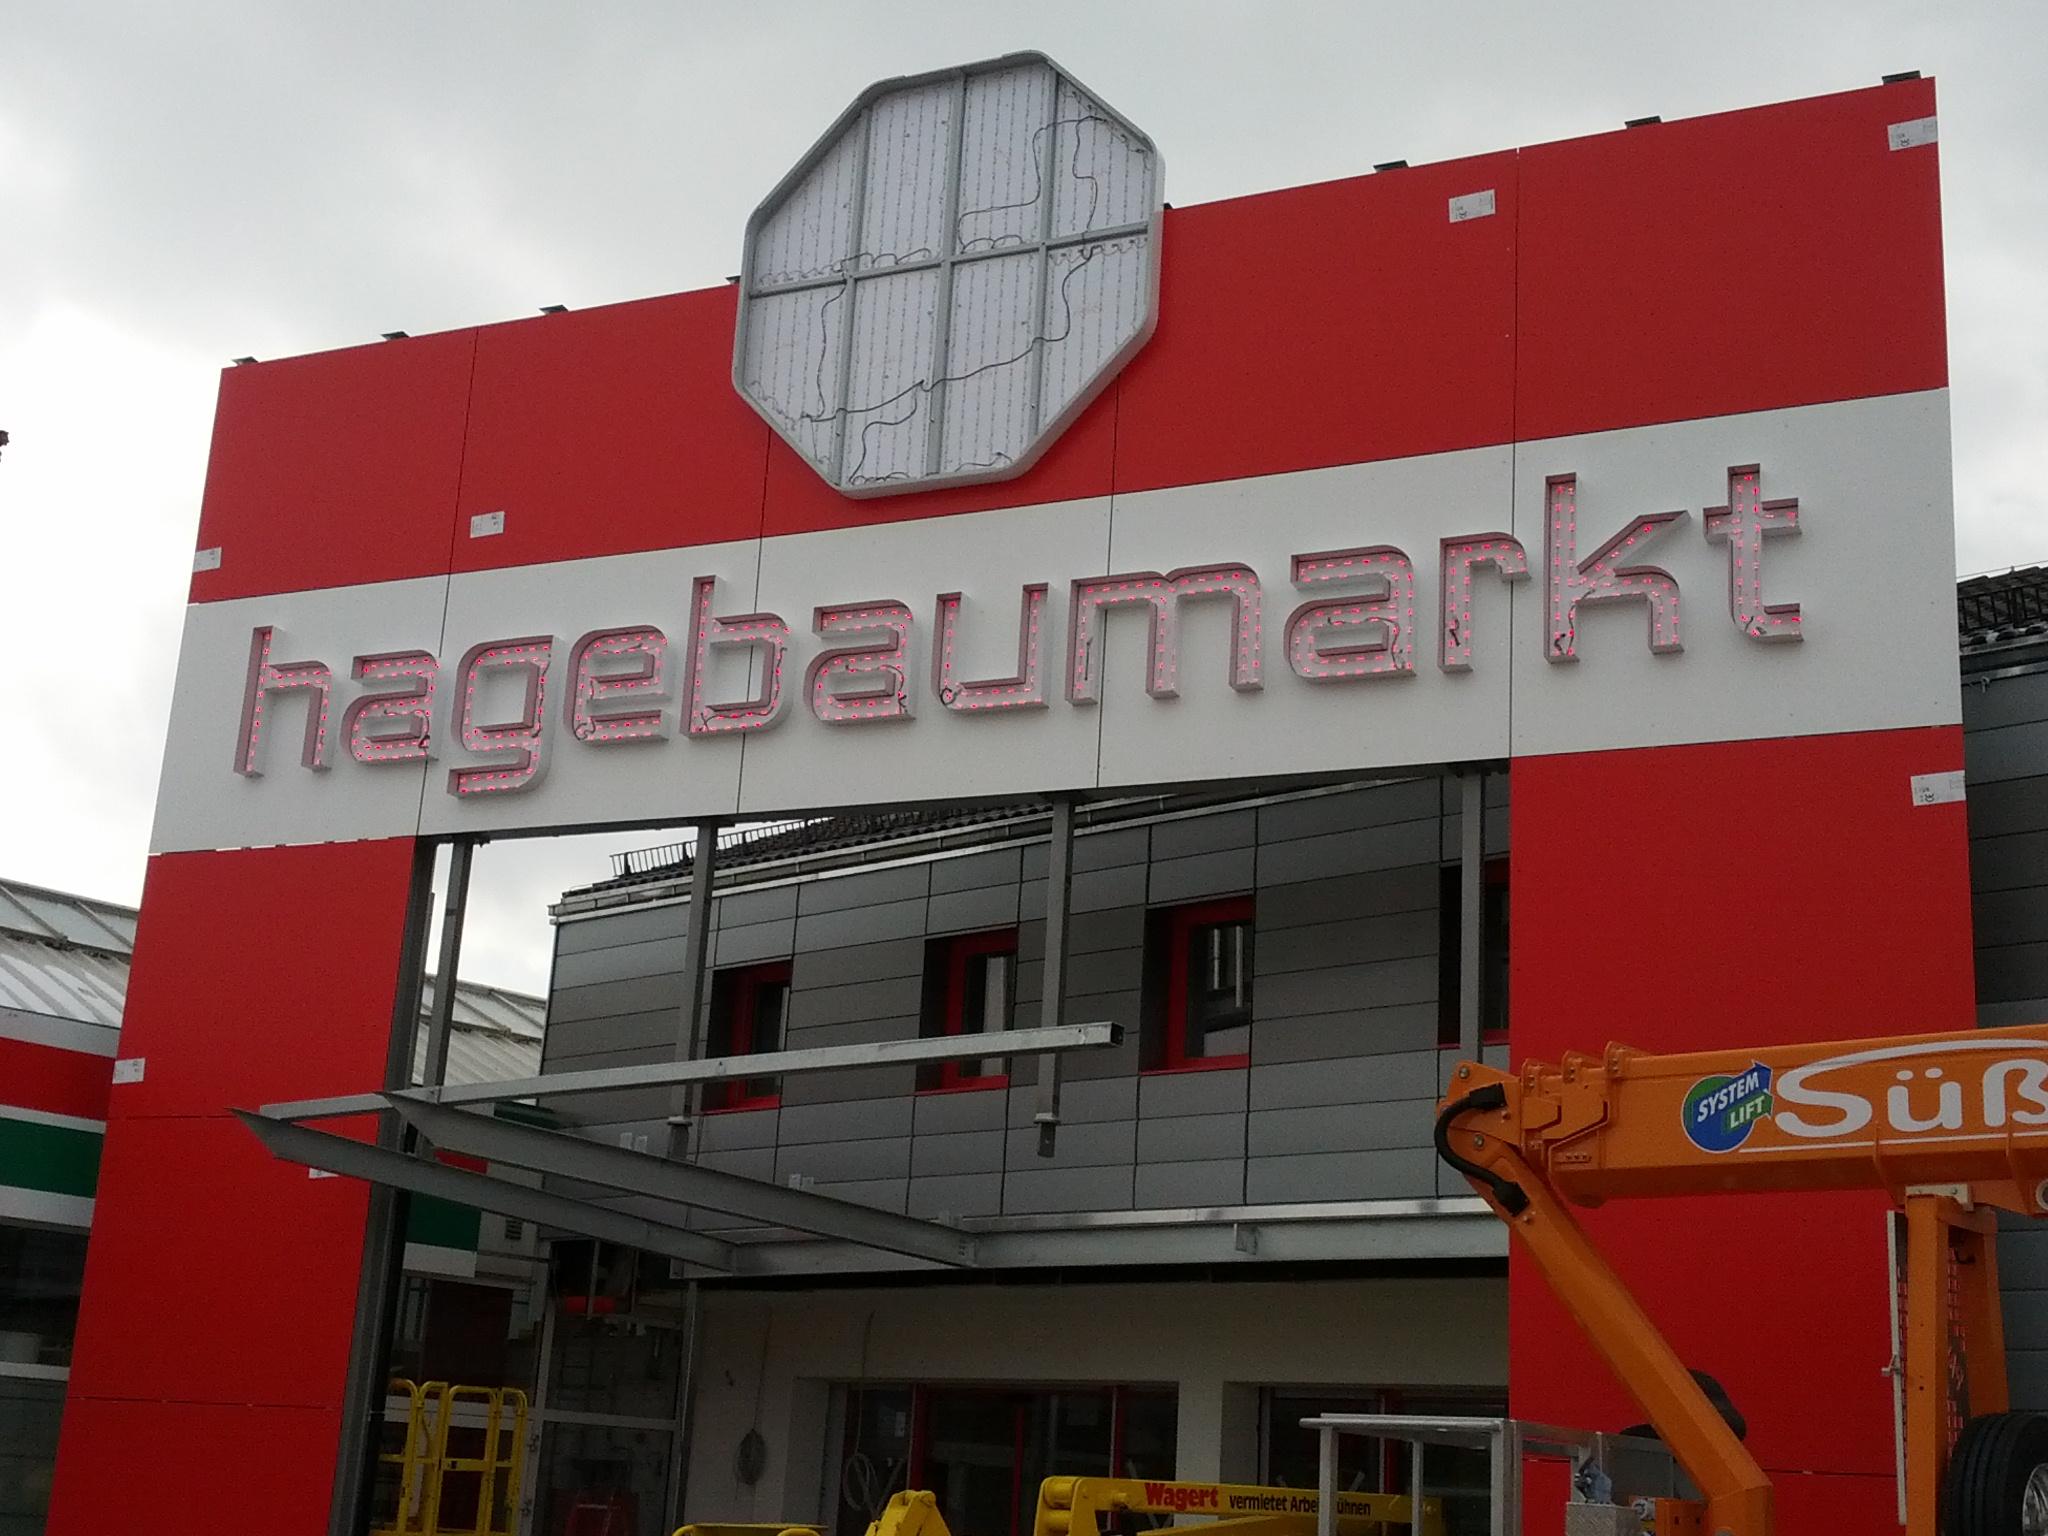 Galerie Hagebaumarkt Schwandorf Bild 5